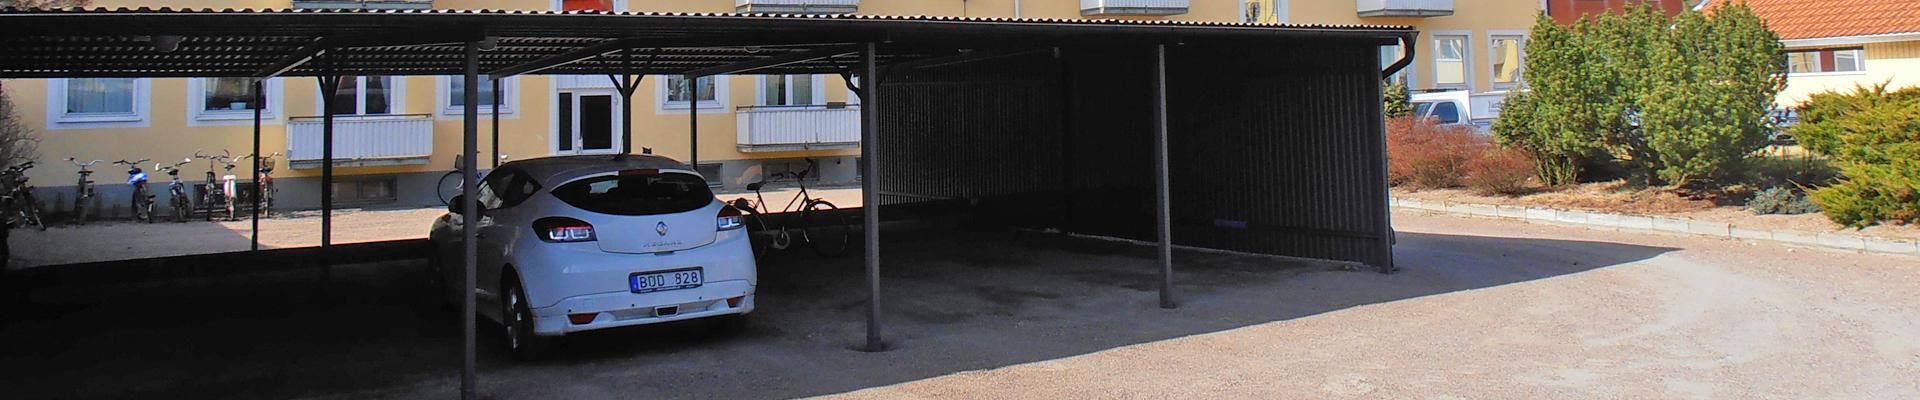 Lediga parkeringsplatser och carportar